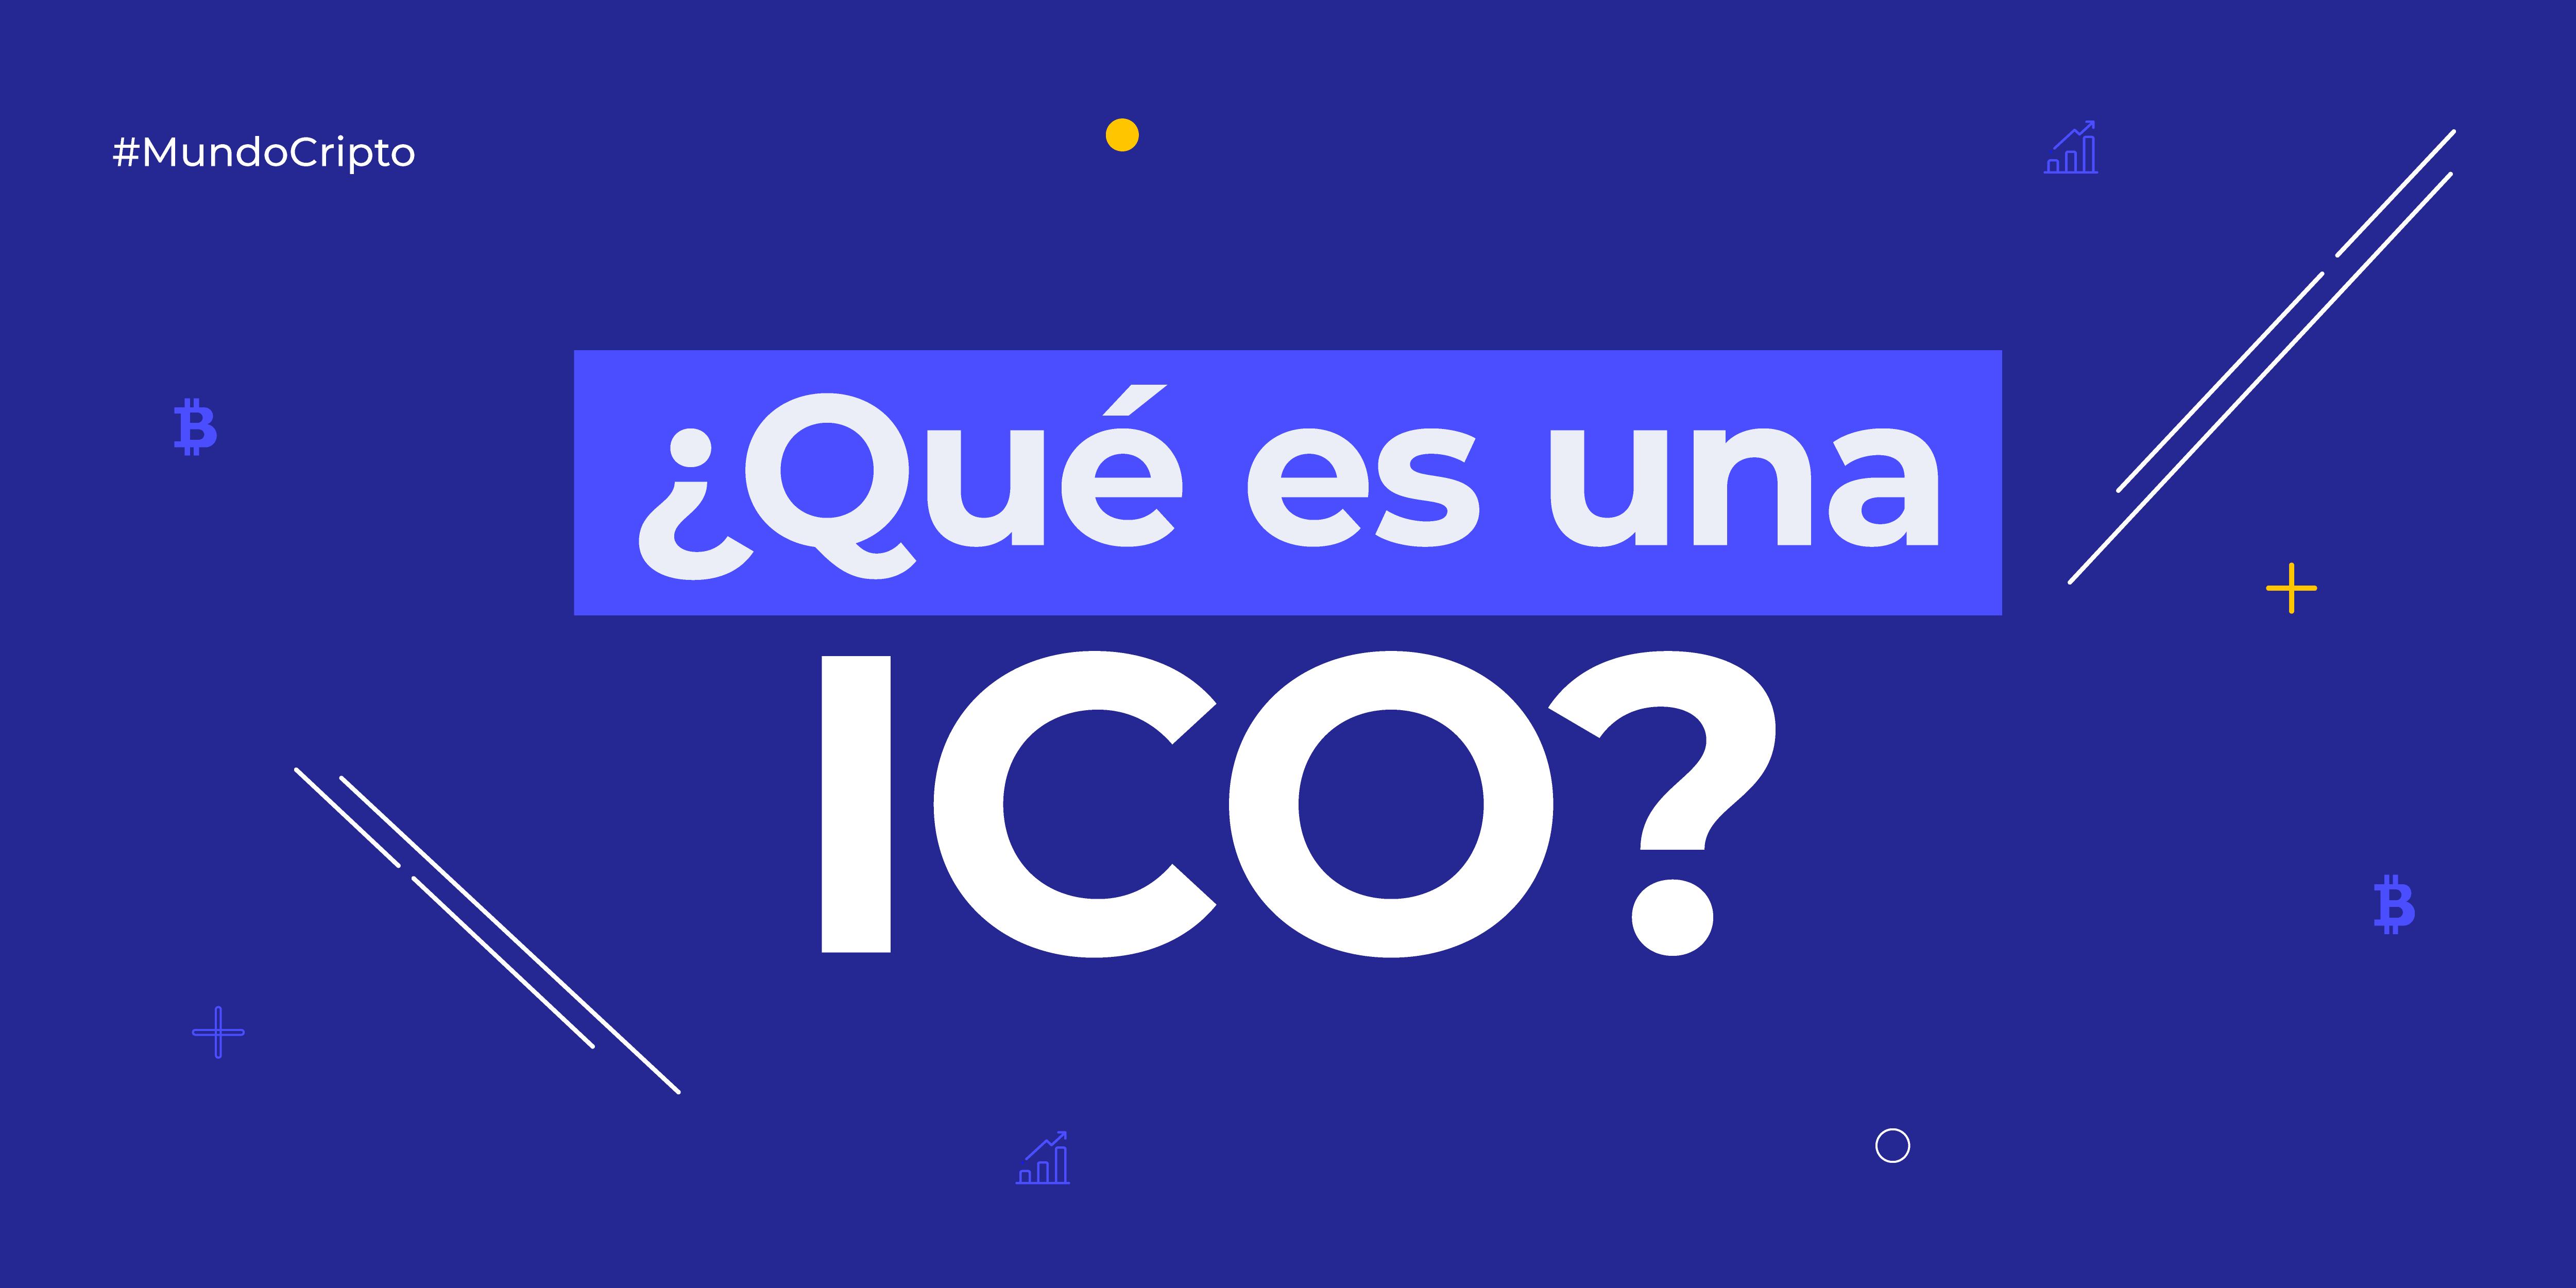 qué es una ICO